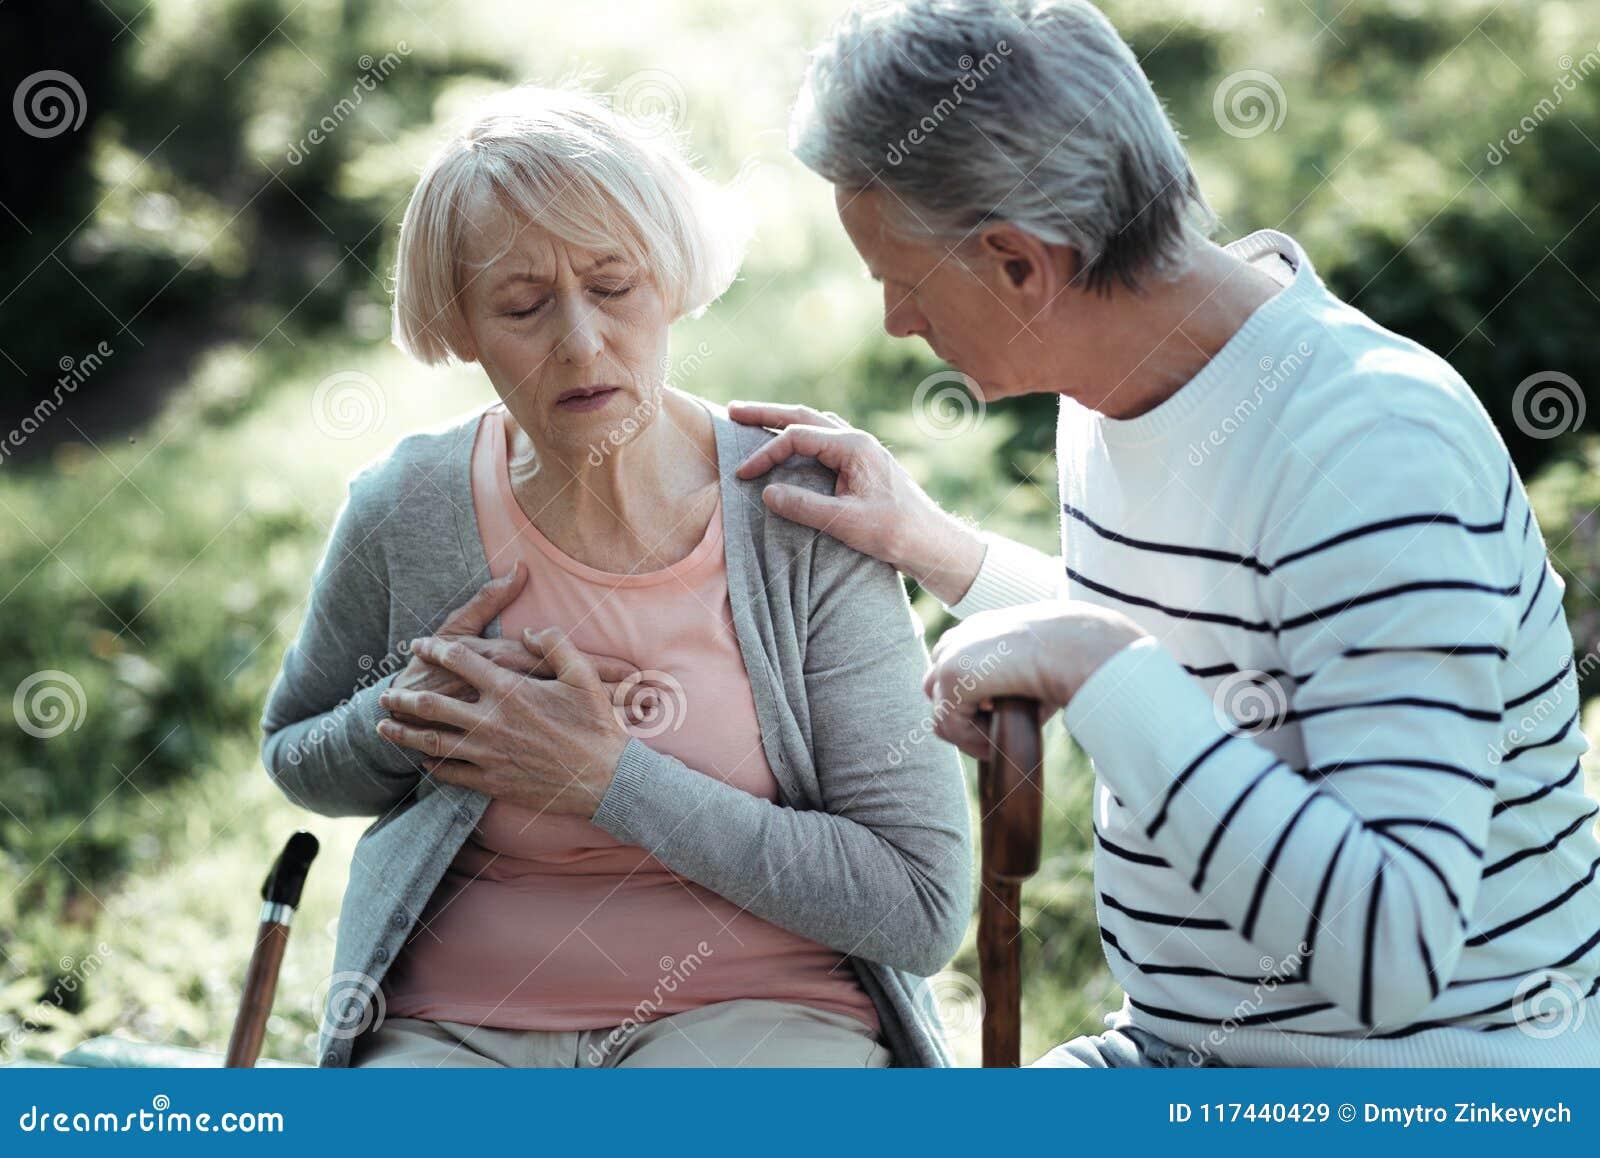 Ältere weibliche Person, welche die Schmerz hat